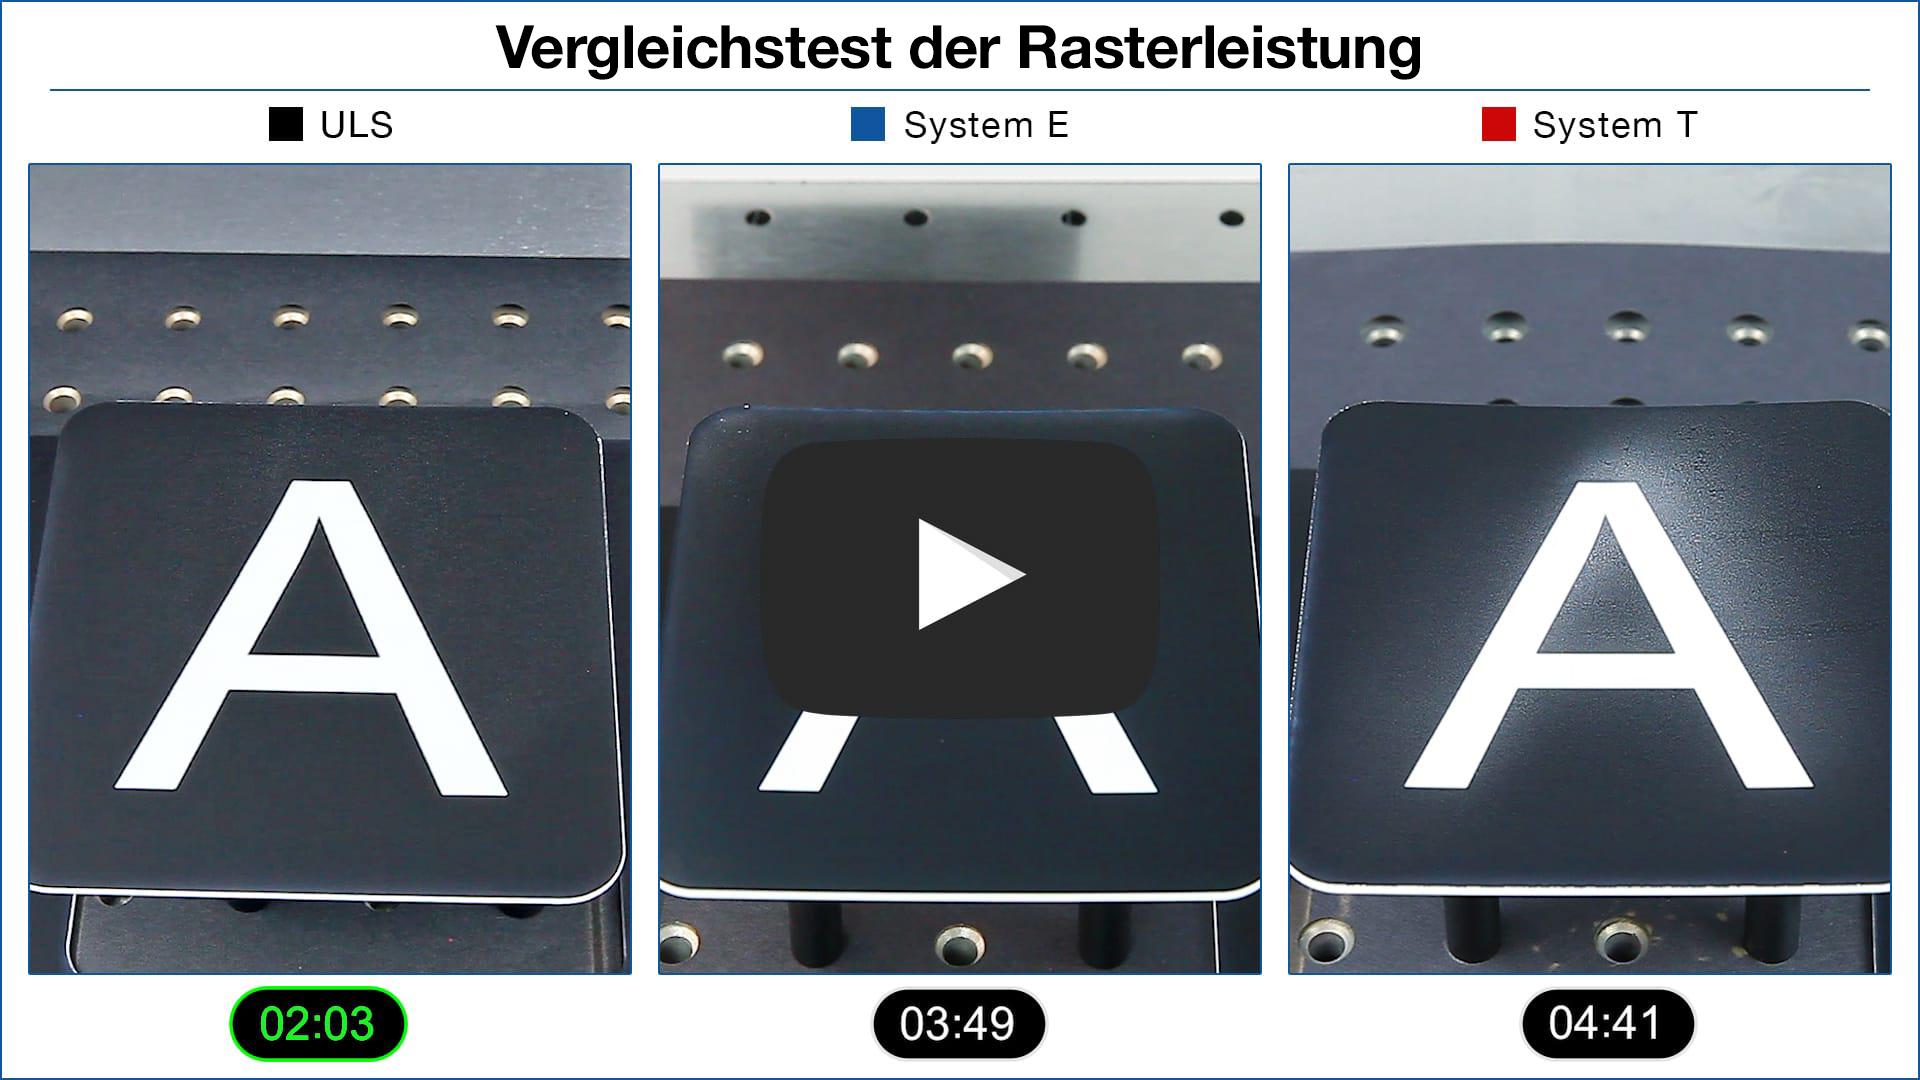 Video zum VergleichstestLaser-Rasterleistung